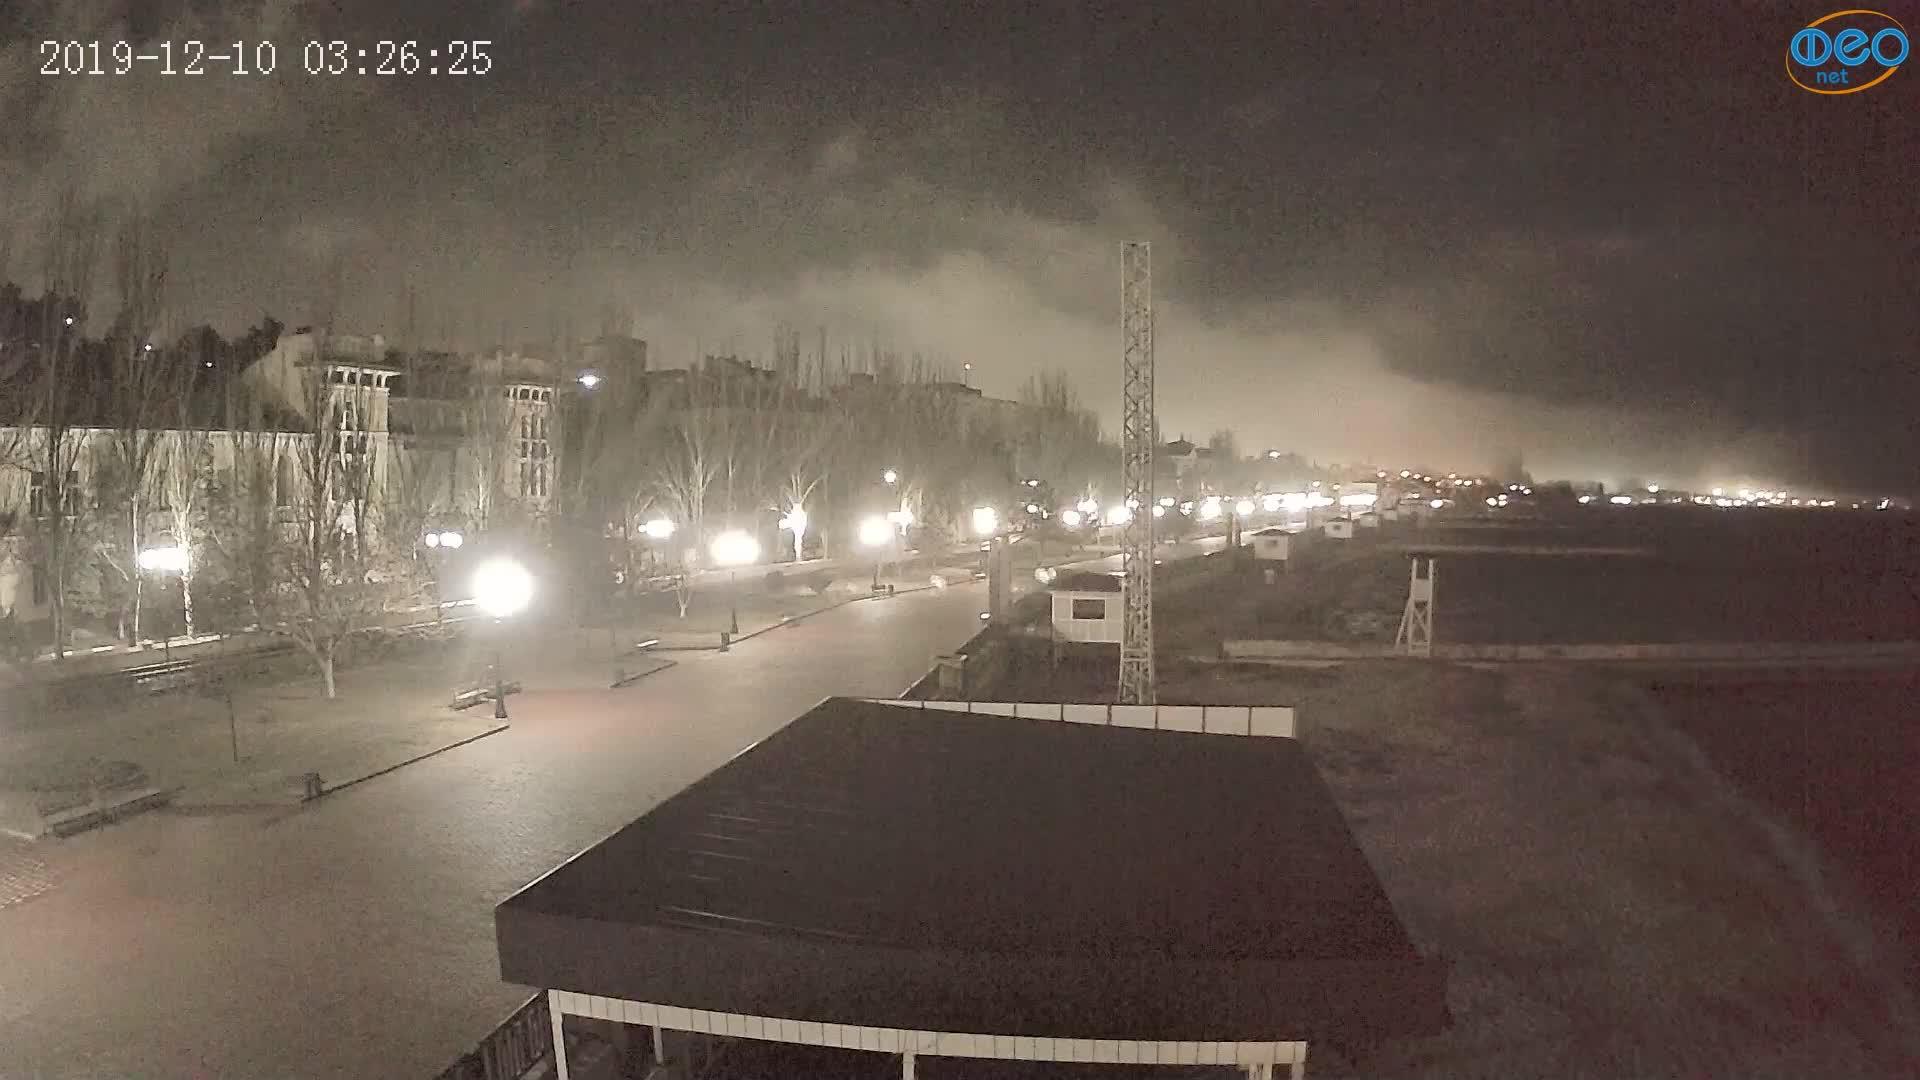 Веб-камеры Феодосии, Пляж Камешки, 2019-12-10 03:26:49